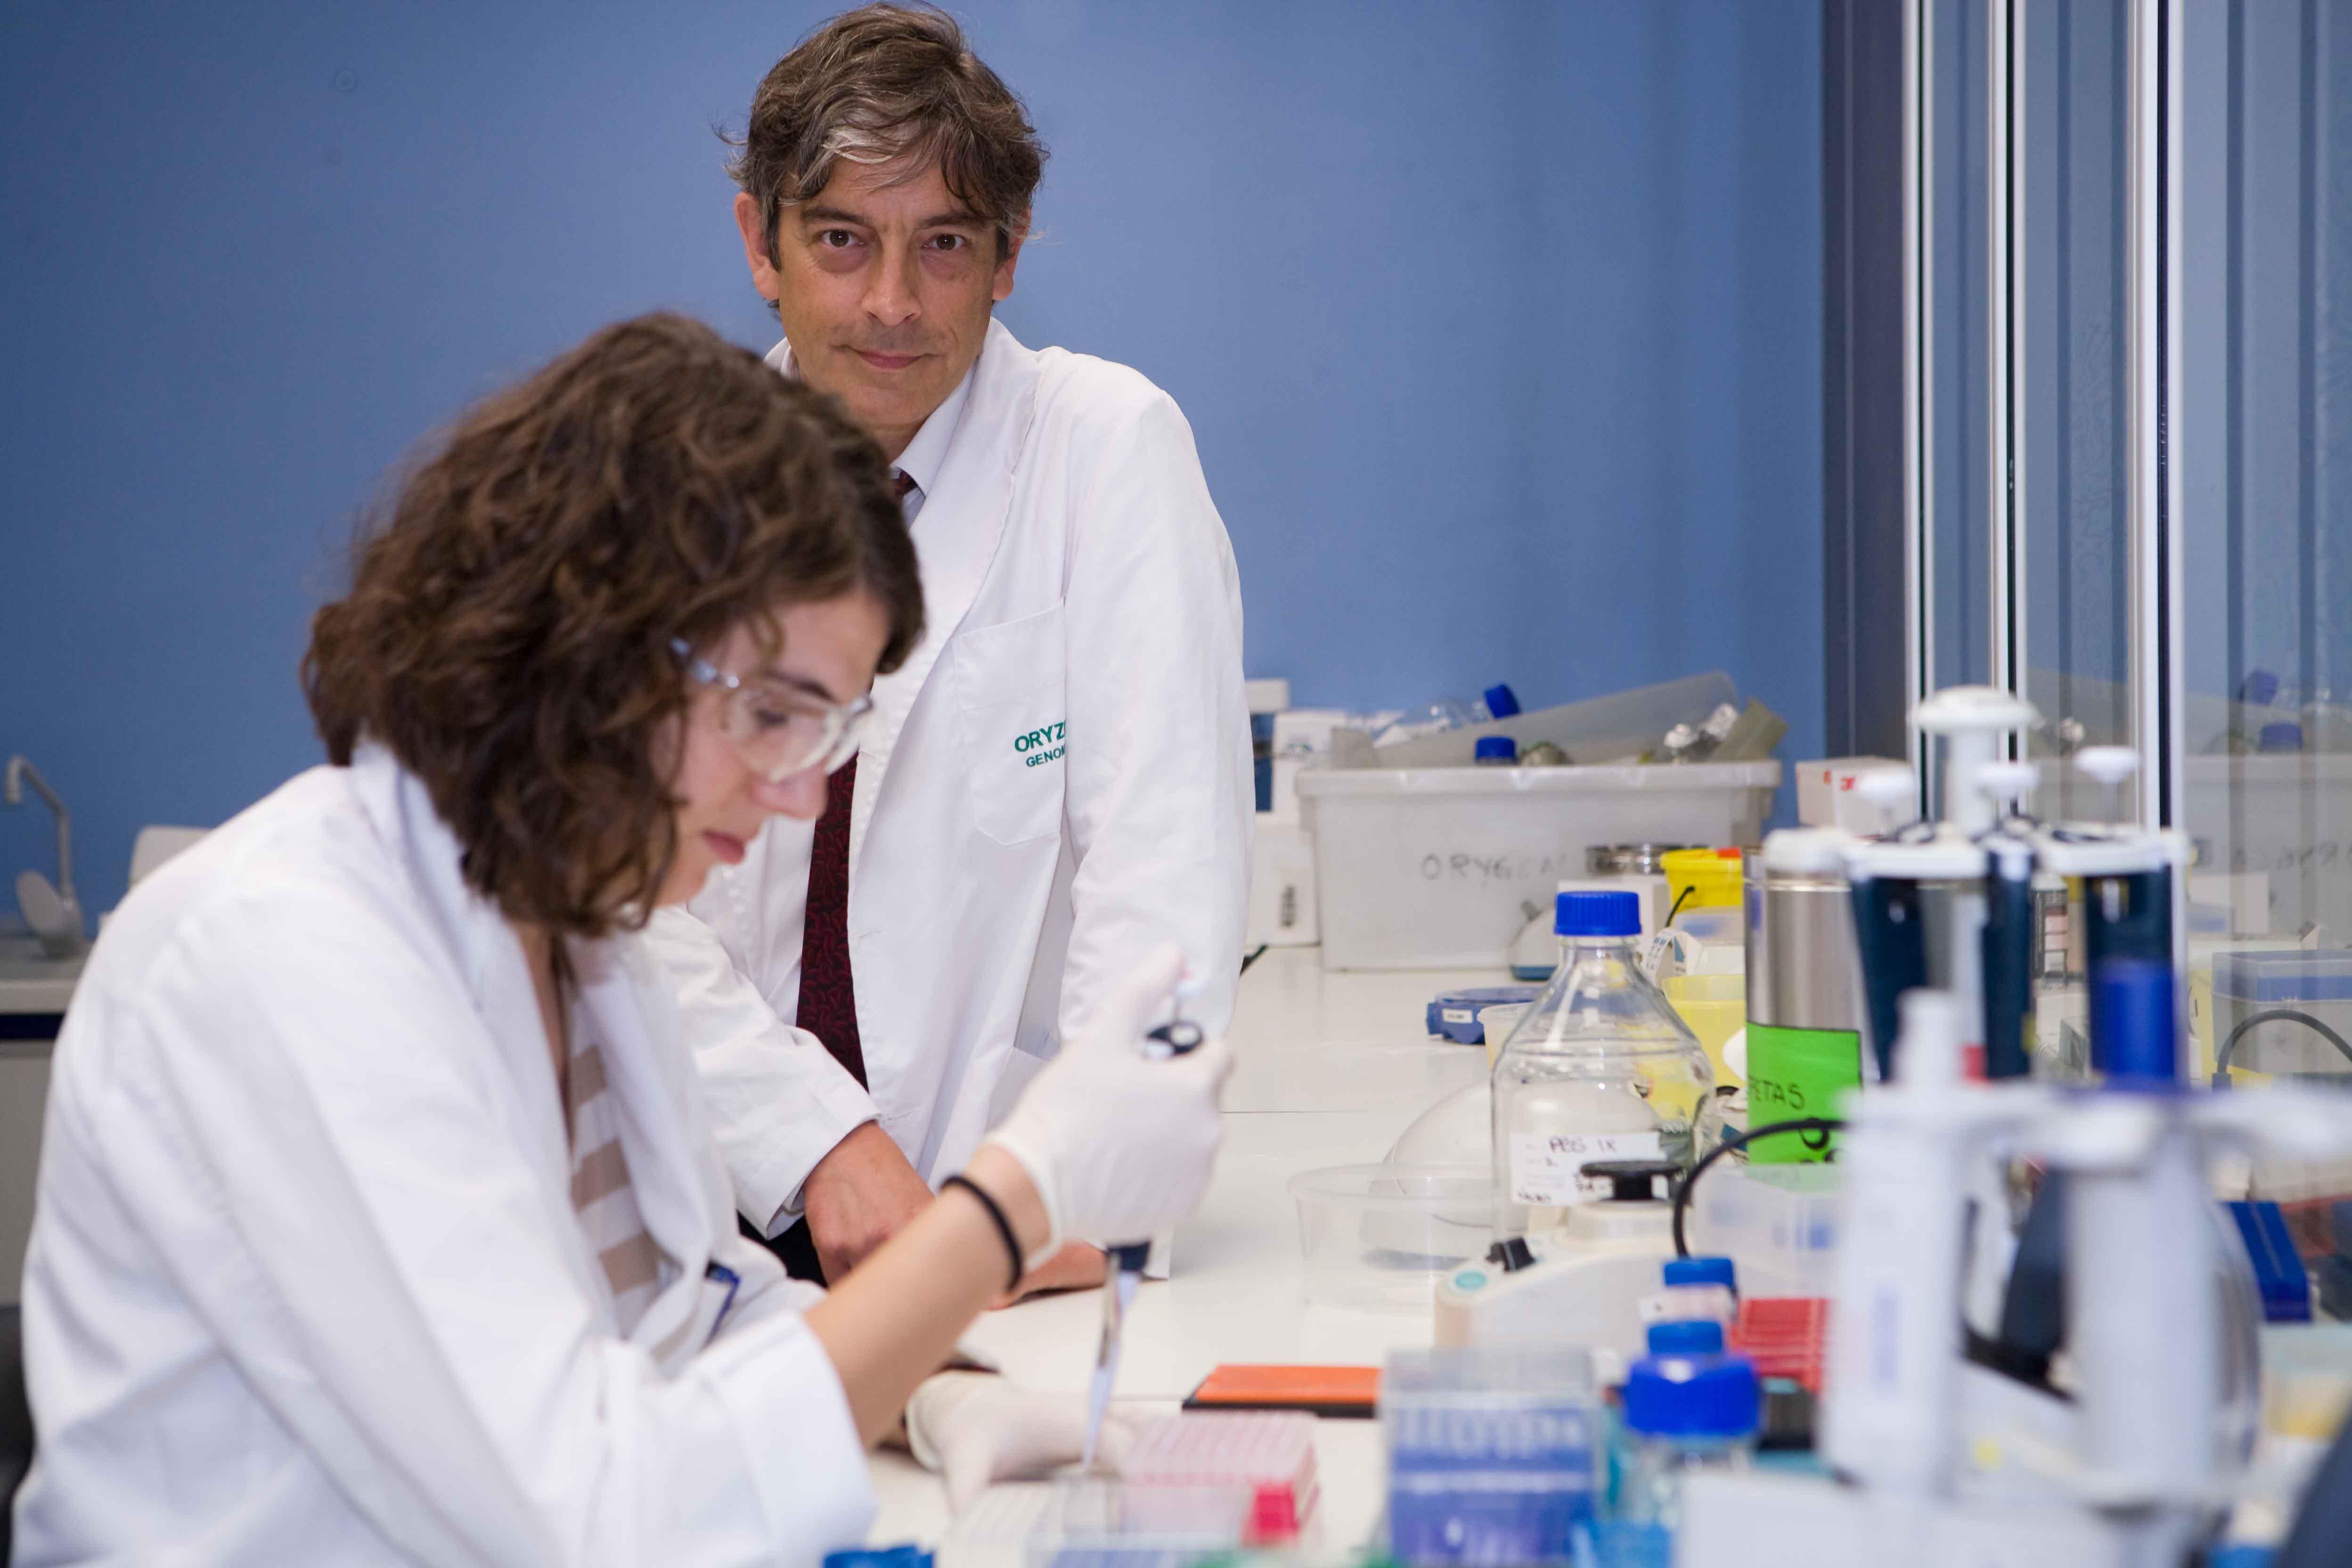 oryzon recibe la aprobacion para un nuevo estudio clinico